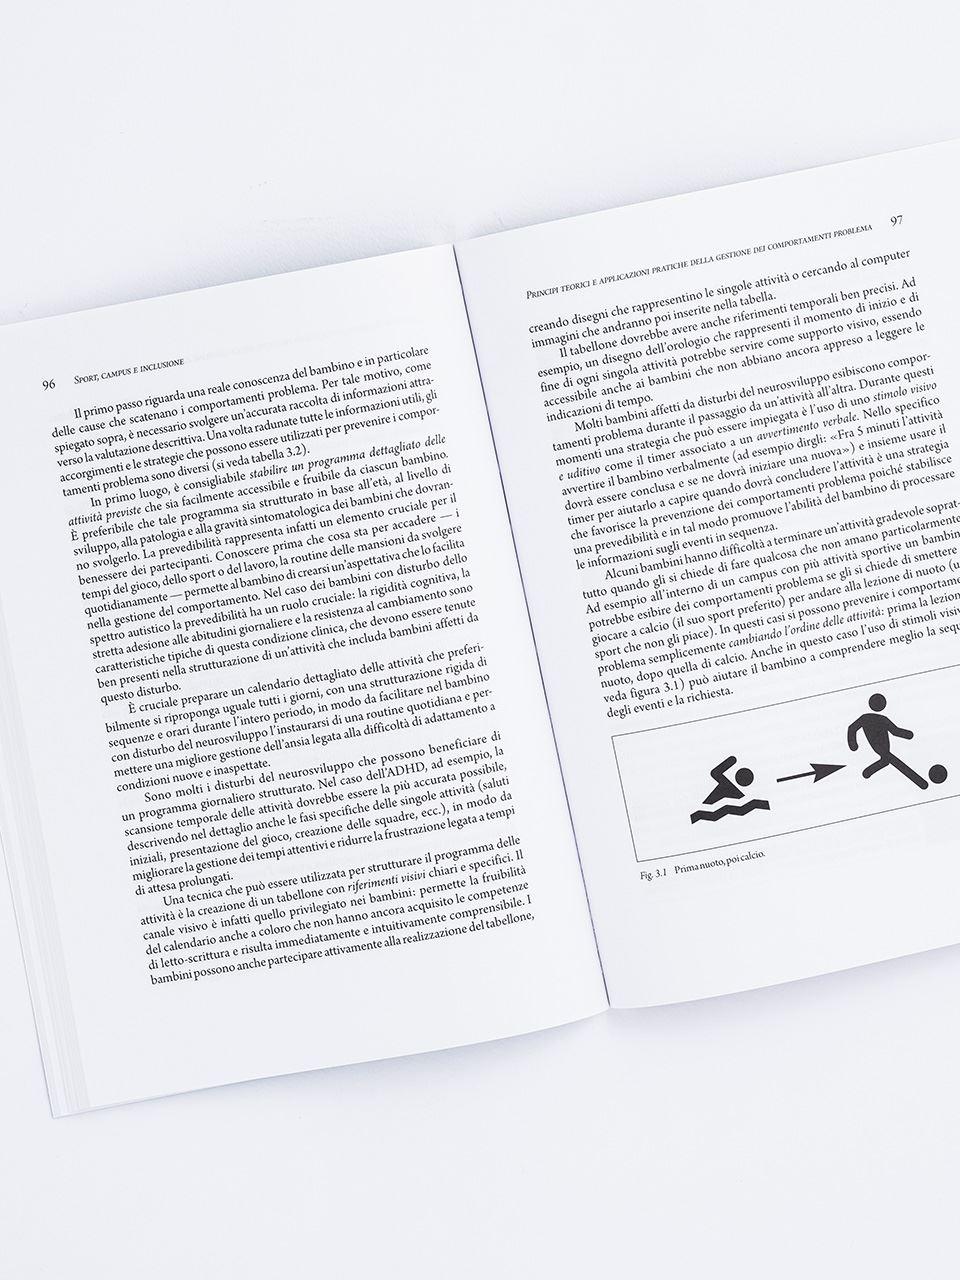 Sport, campus e inclusione - Libri - Erickson 2